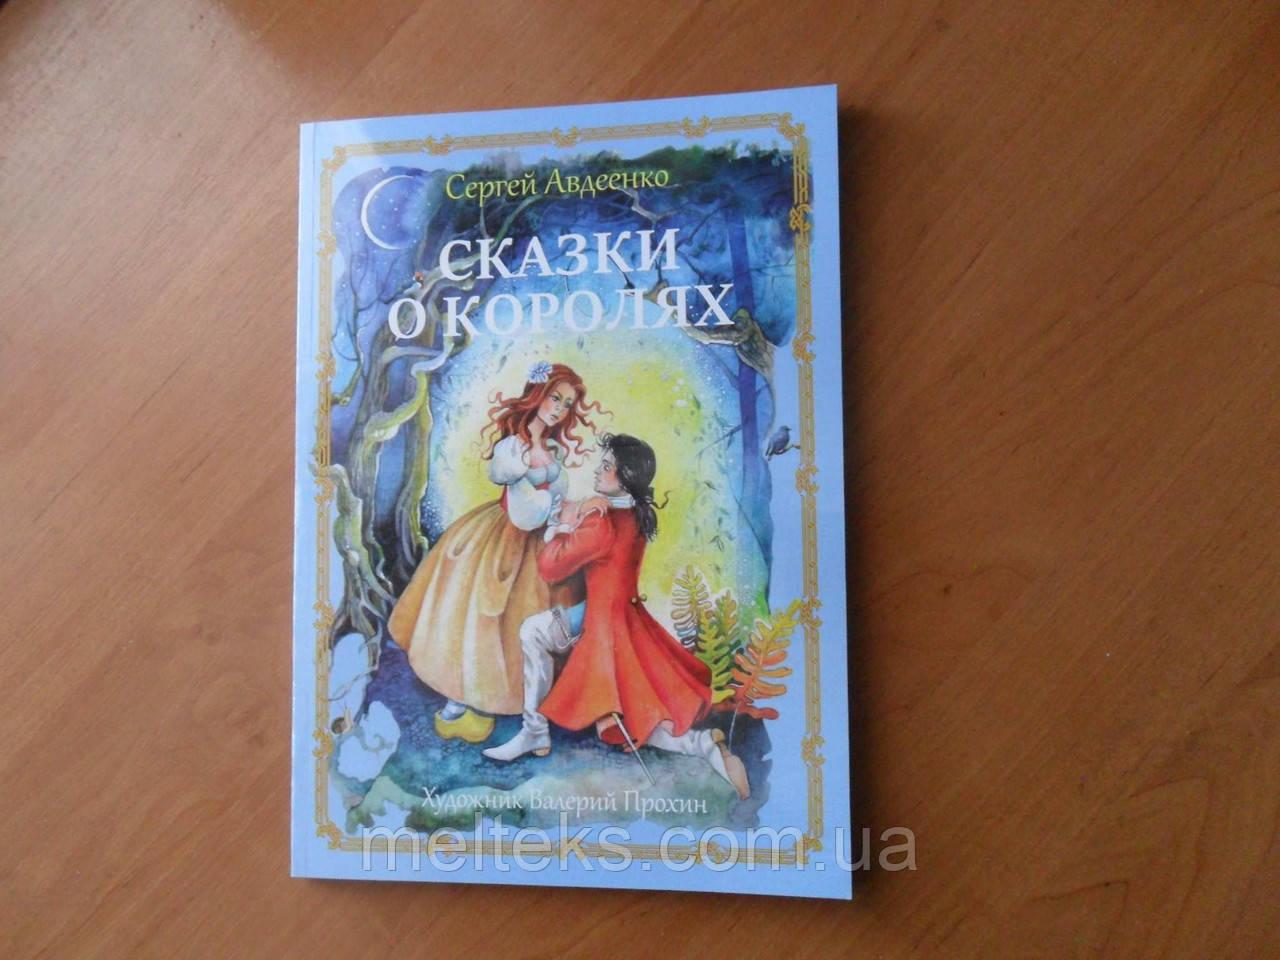 Сказки о королях (книга Сергея Авдеенко)